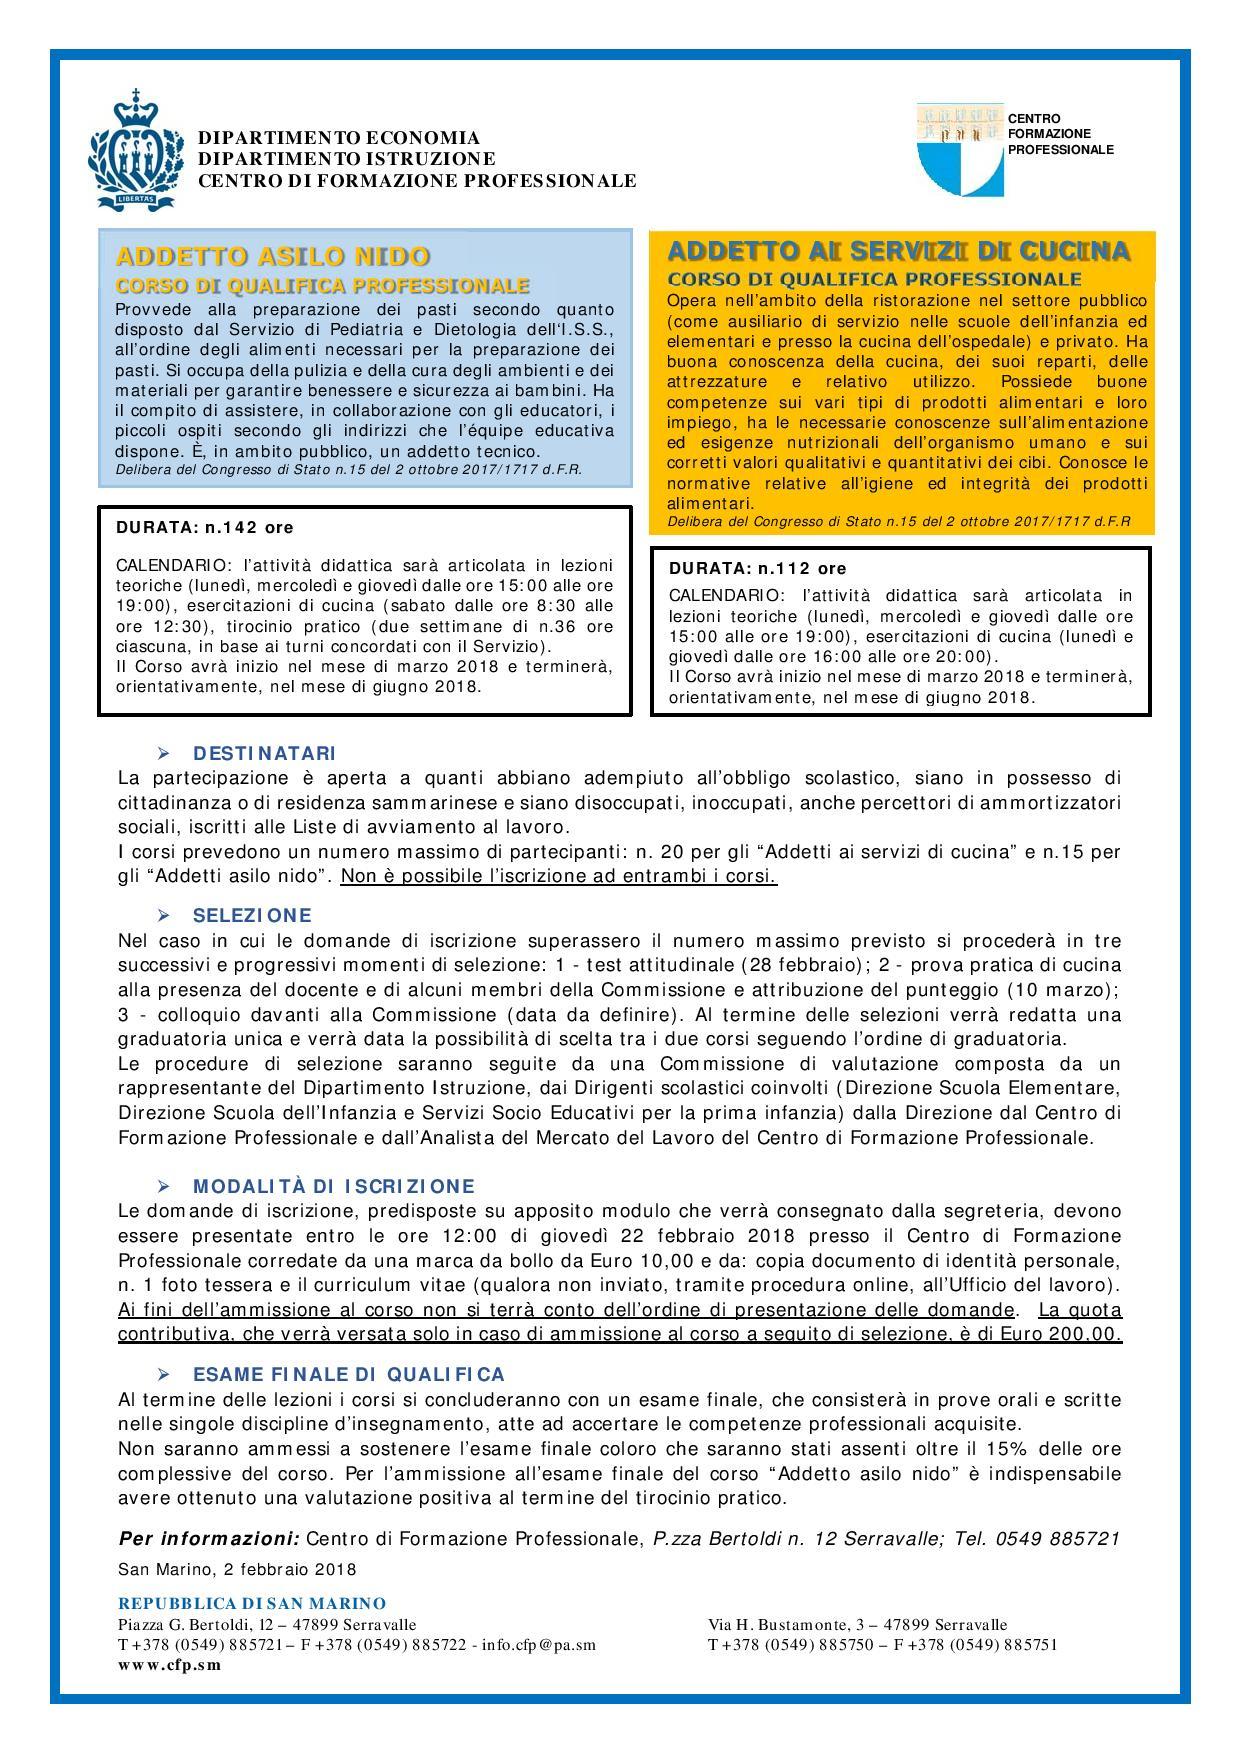 CFP, aperte le iscrizioni per Addetto Asilo Nido e Cucina